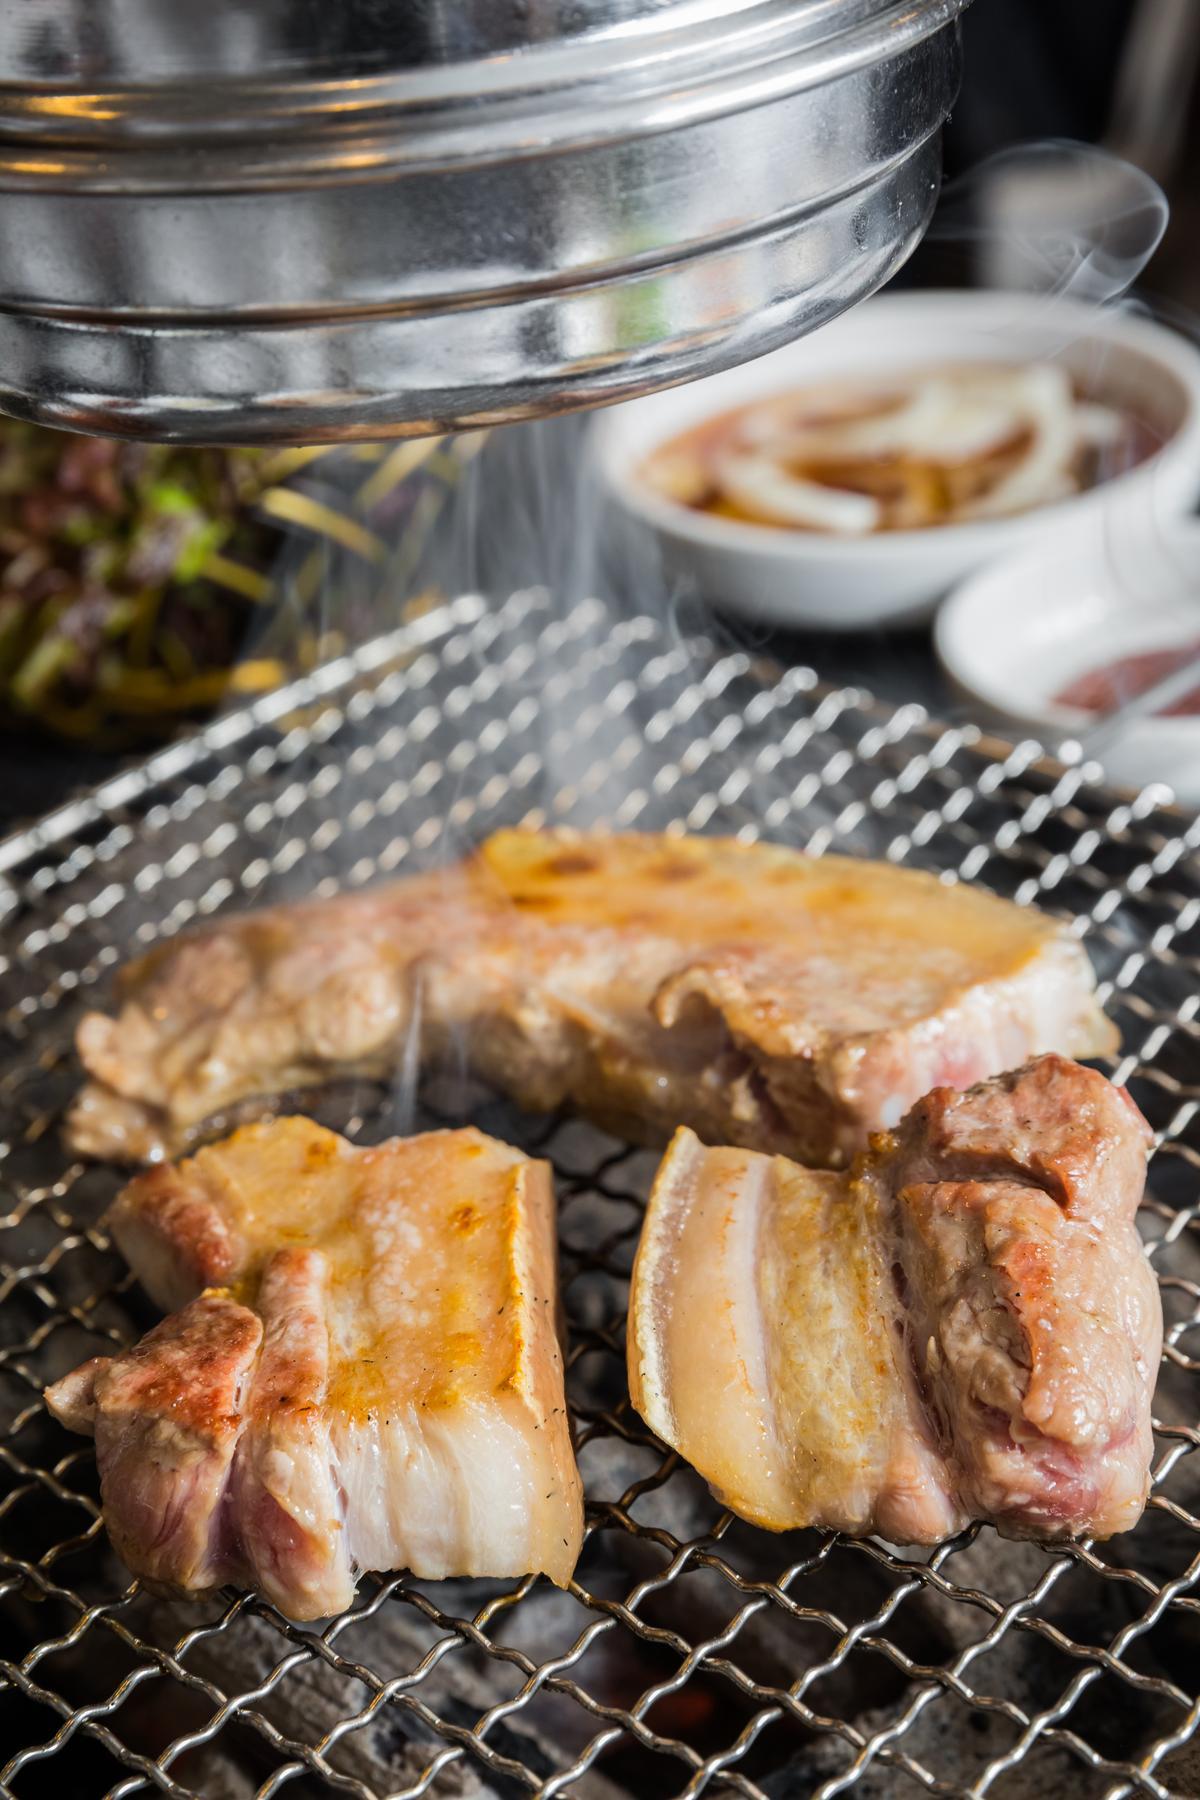 將兩大塊帶皮豬五花放上烤網,油脂與炭火共伴,發出滋滋作響的效果音。